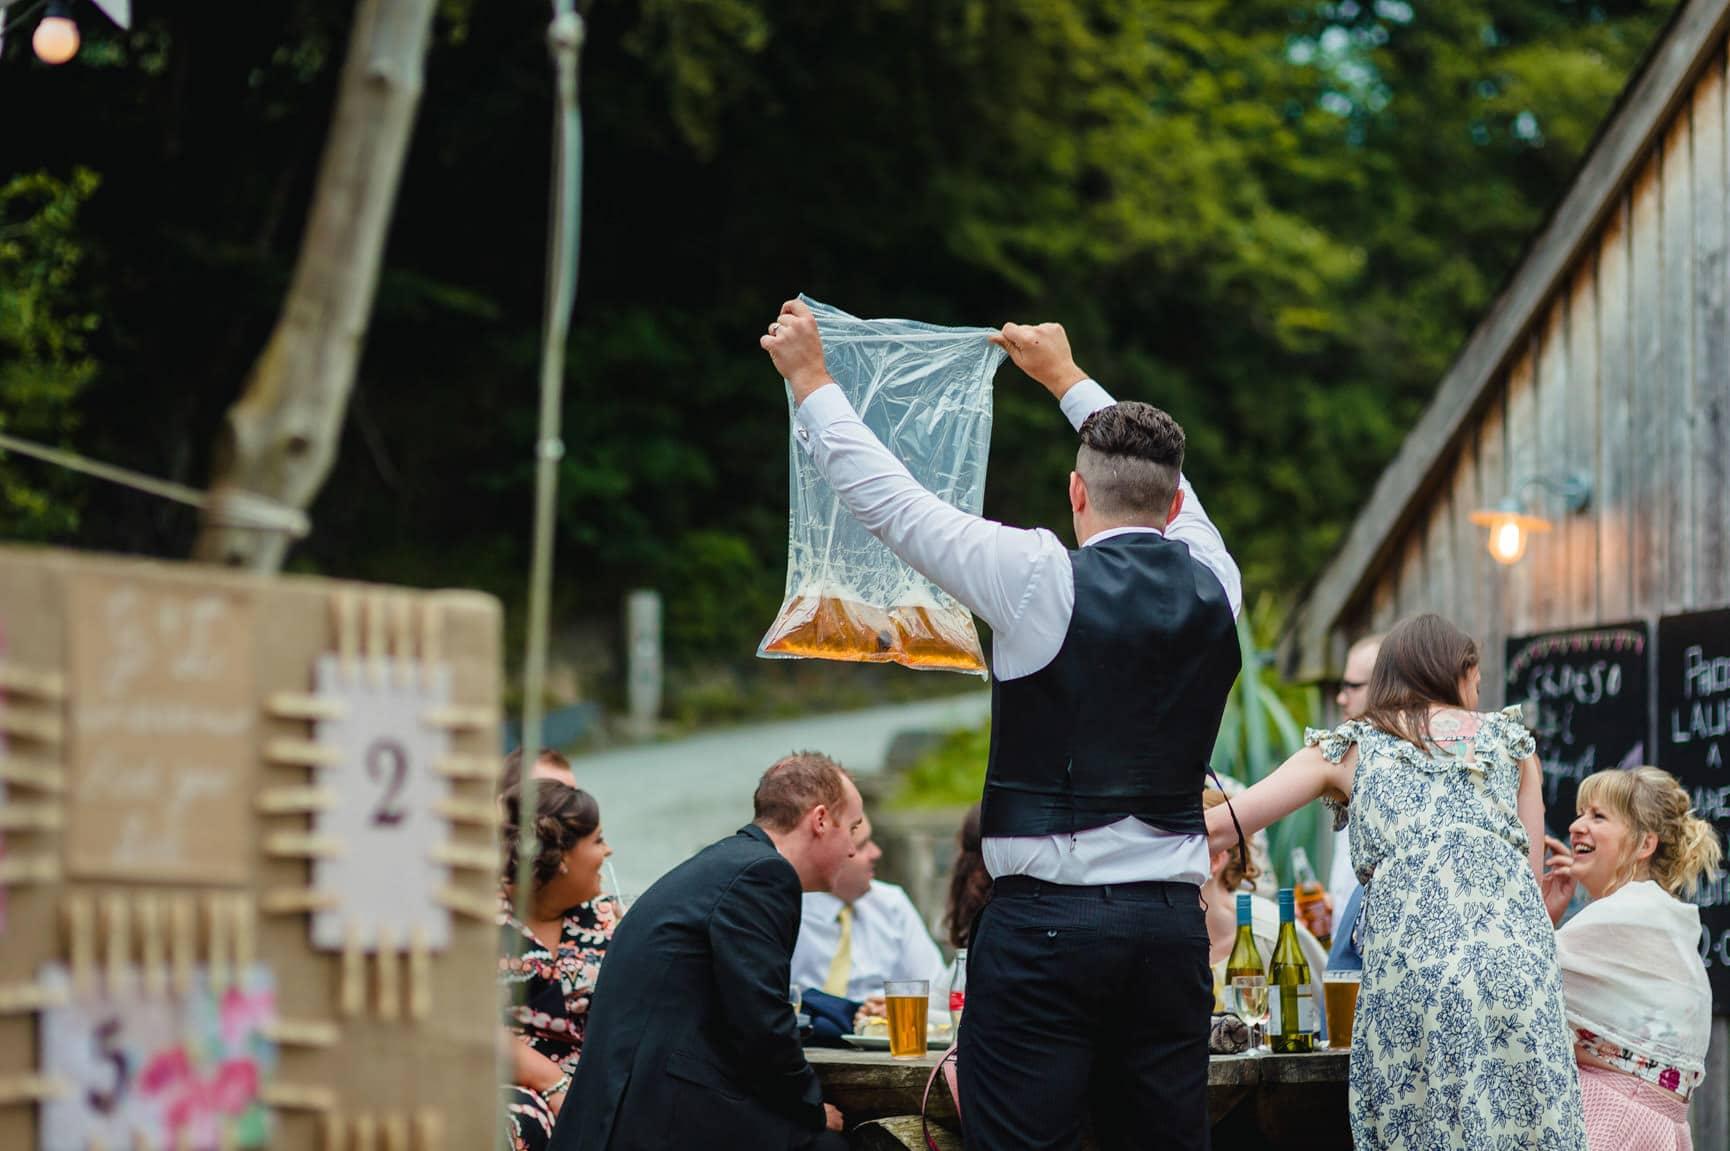 Fforest Wedding, Cardigan, Wales - Lauren and Gareth 187